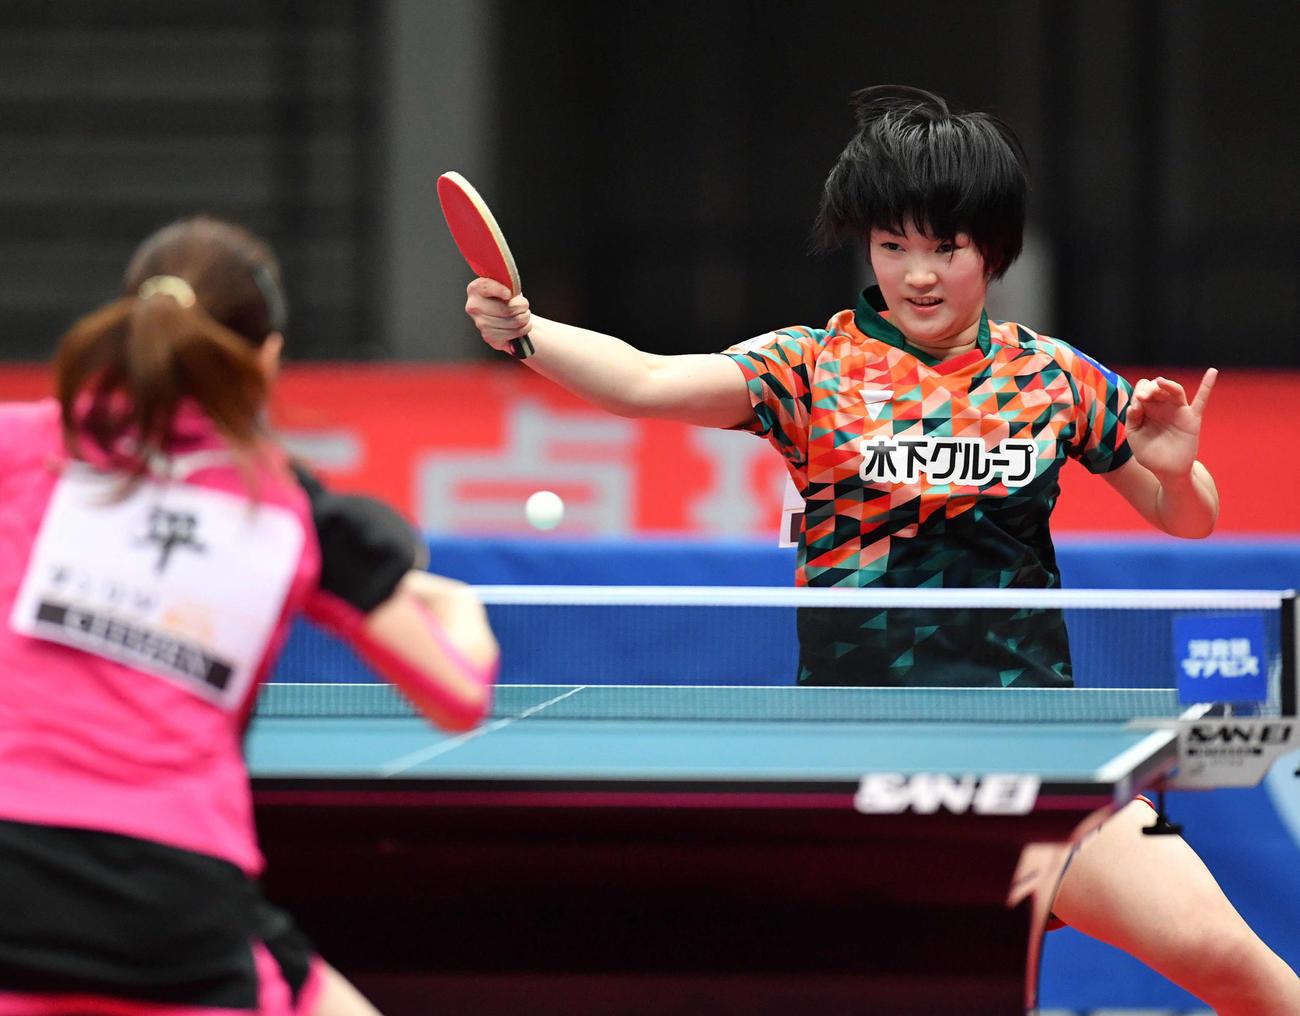 全日本卓球選手権女子シングルス準々決勝 平侑里香(左)を下し準決勝に進出した木原美悠(撮影・岩下翔太)